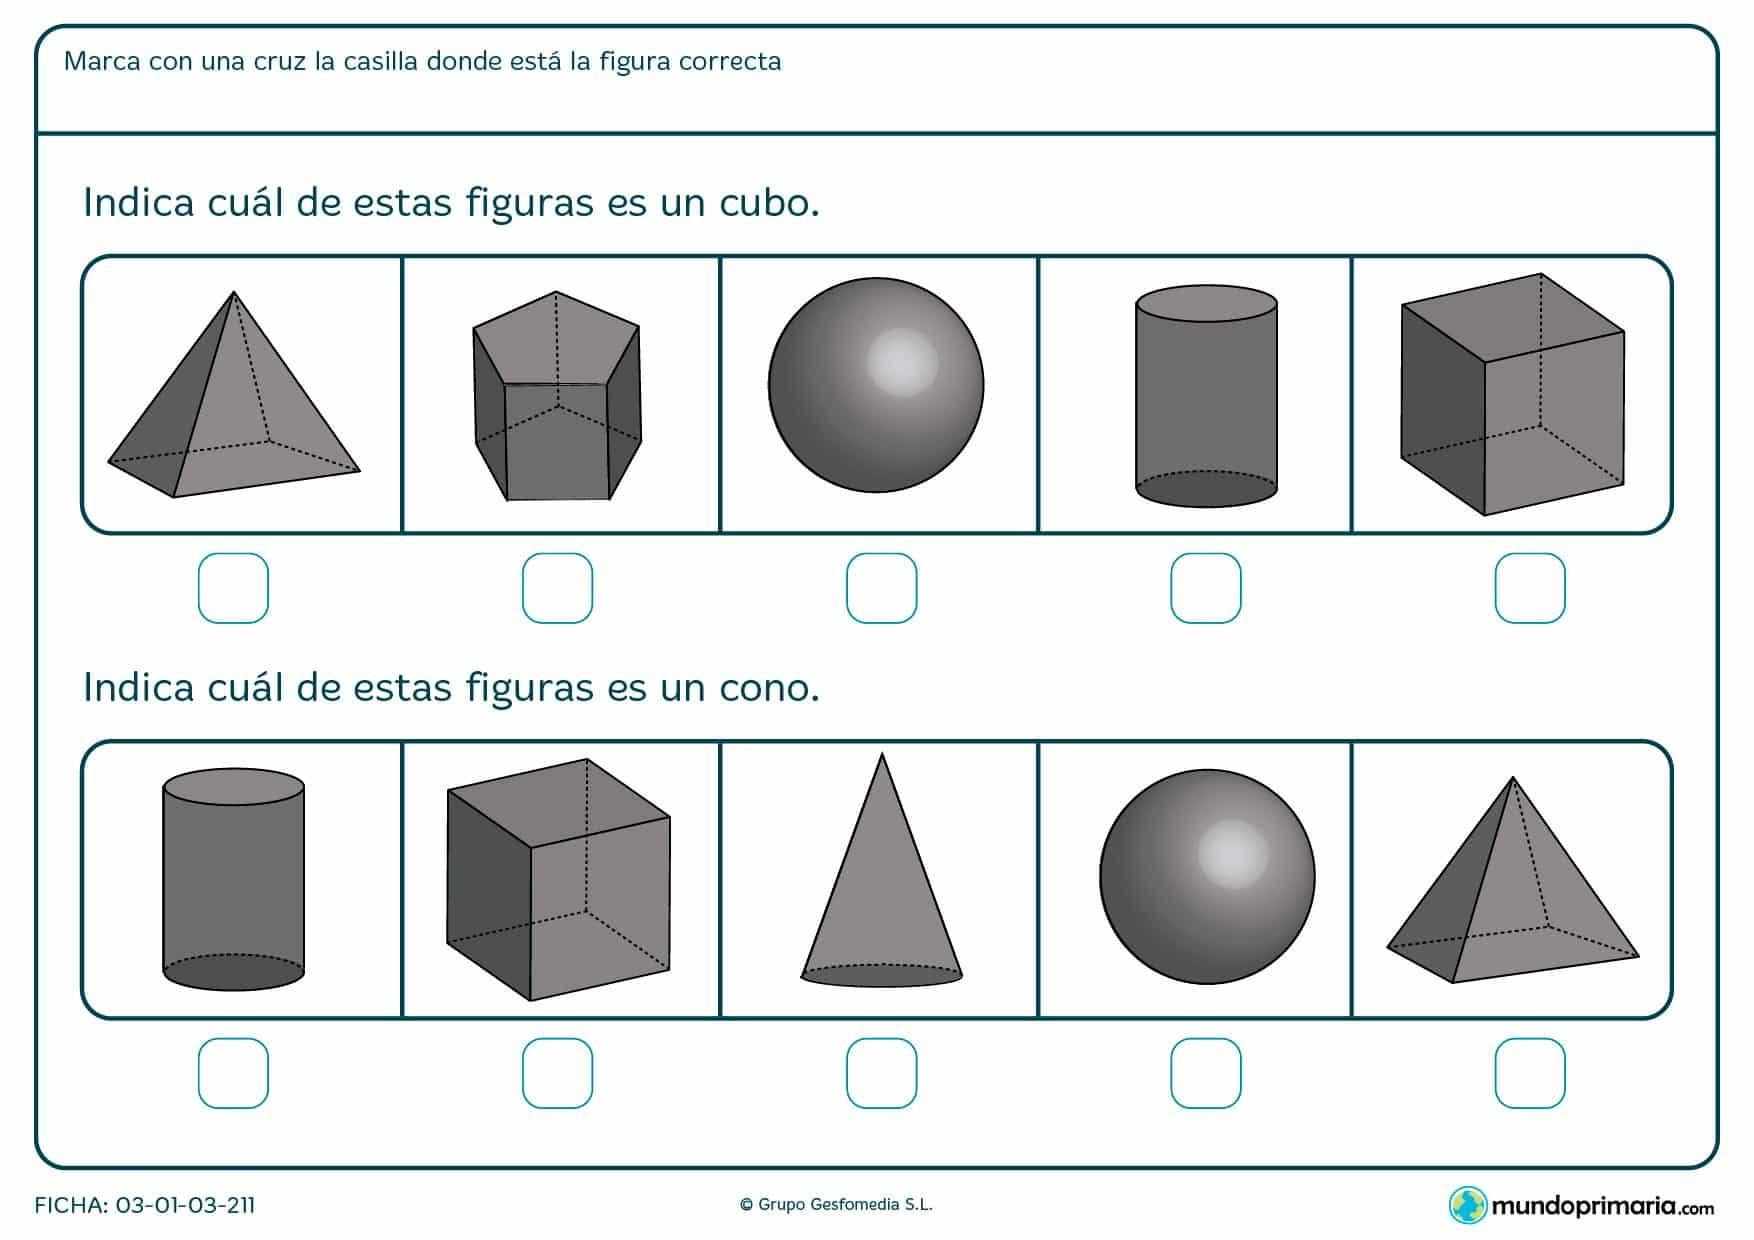 Ficha de cubos para niños de primero de primaria en el que se aprende a distinguir entre diferentes formas.